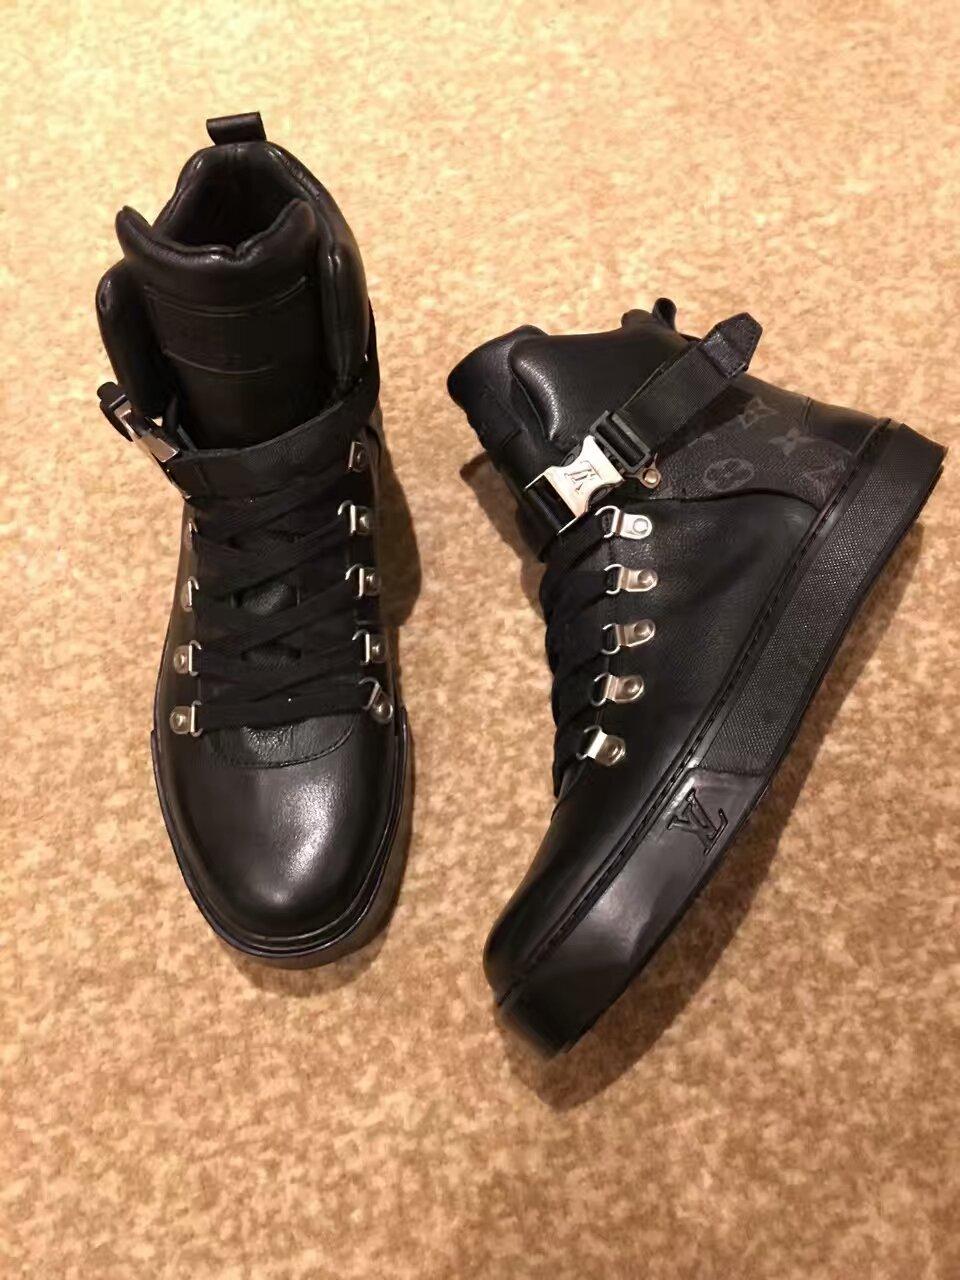 LOUIS VUITTON2016秋冬系列高帮鞋 原版复刻!